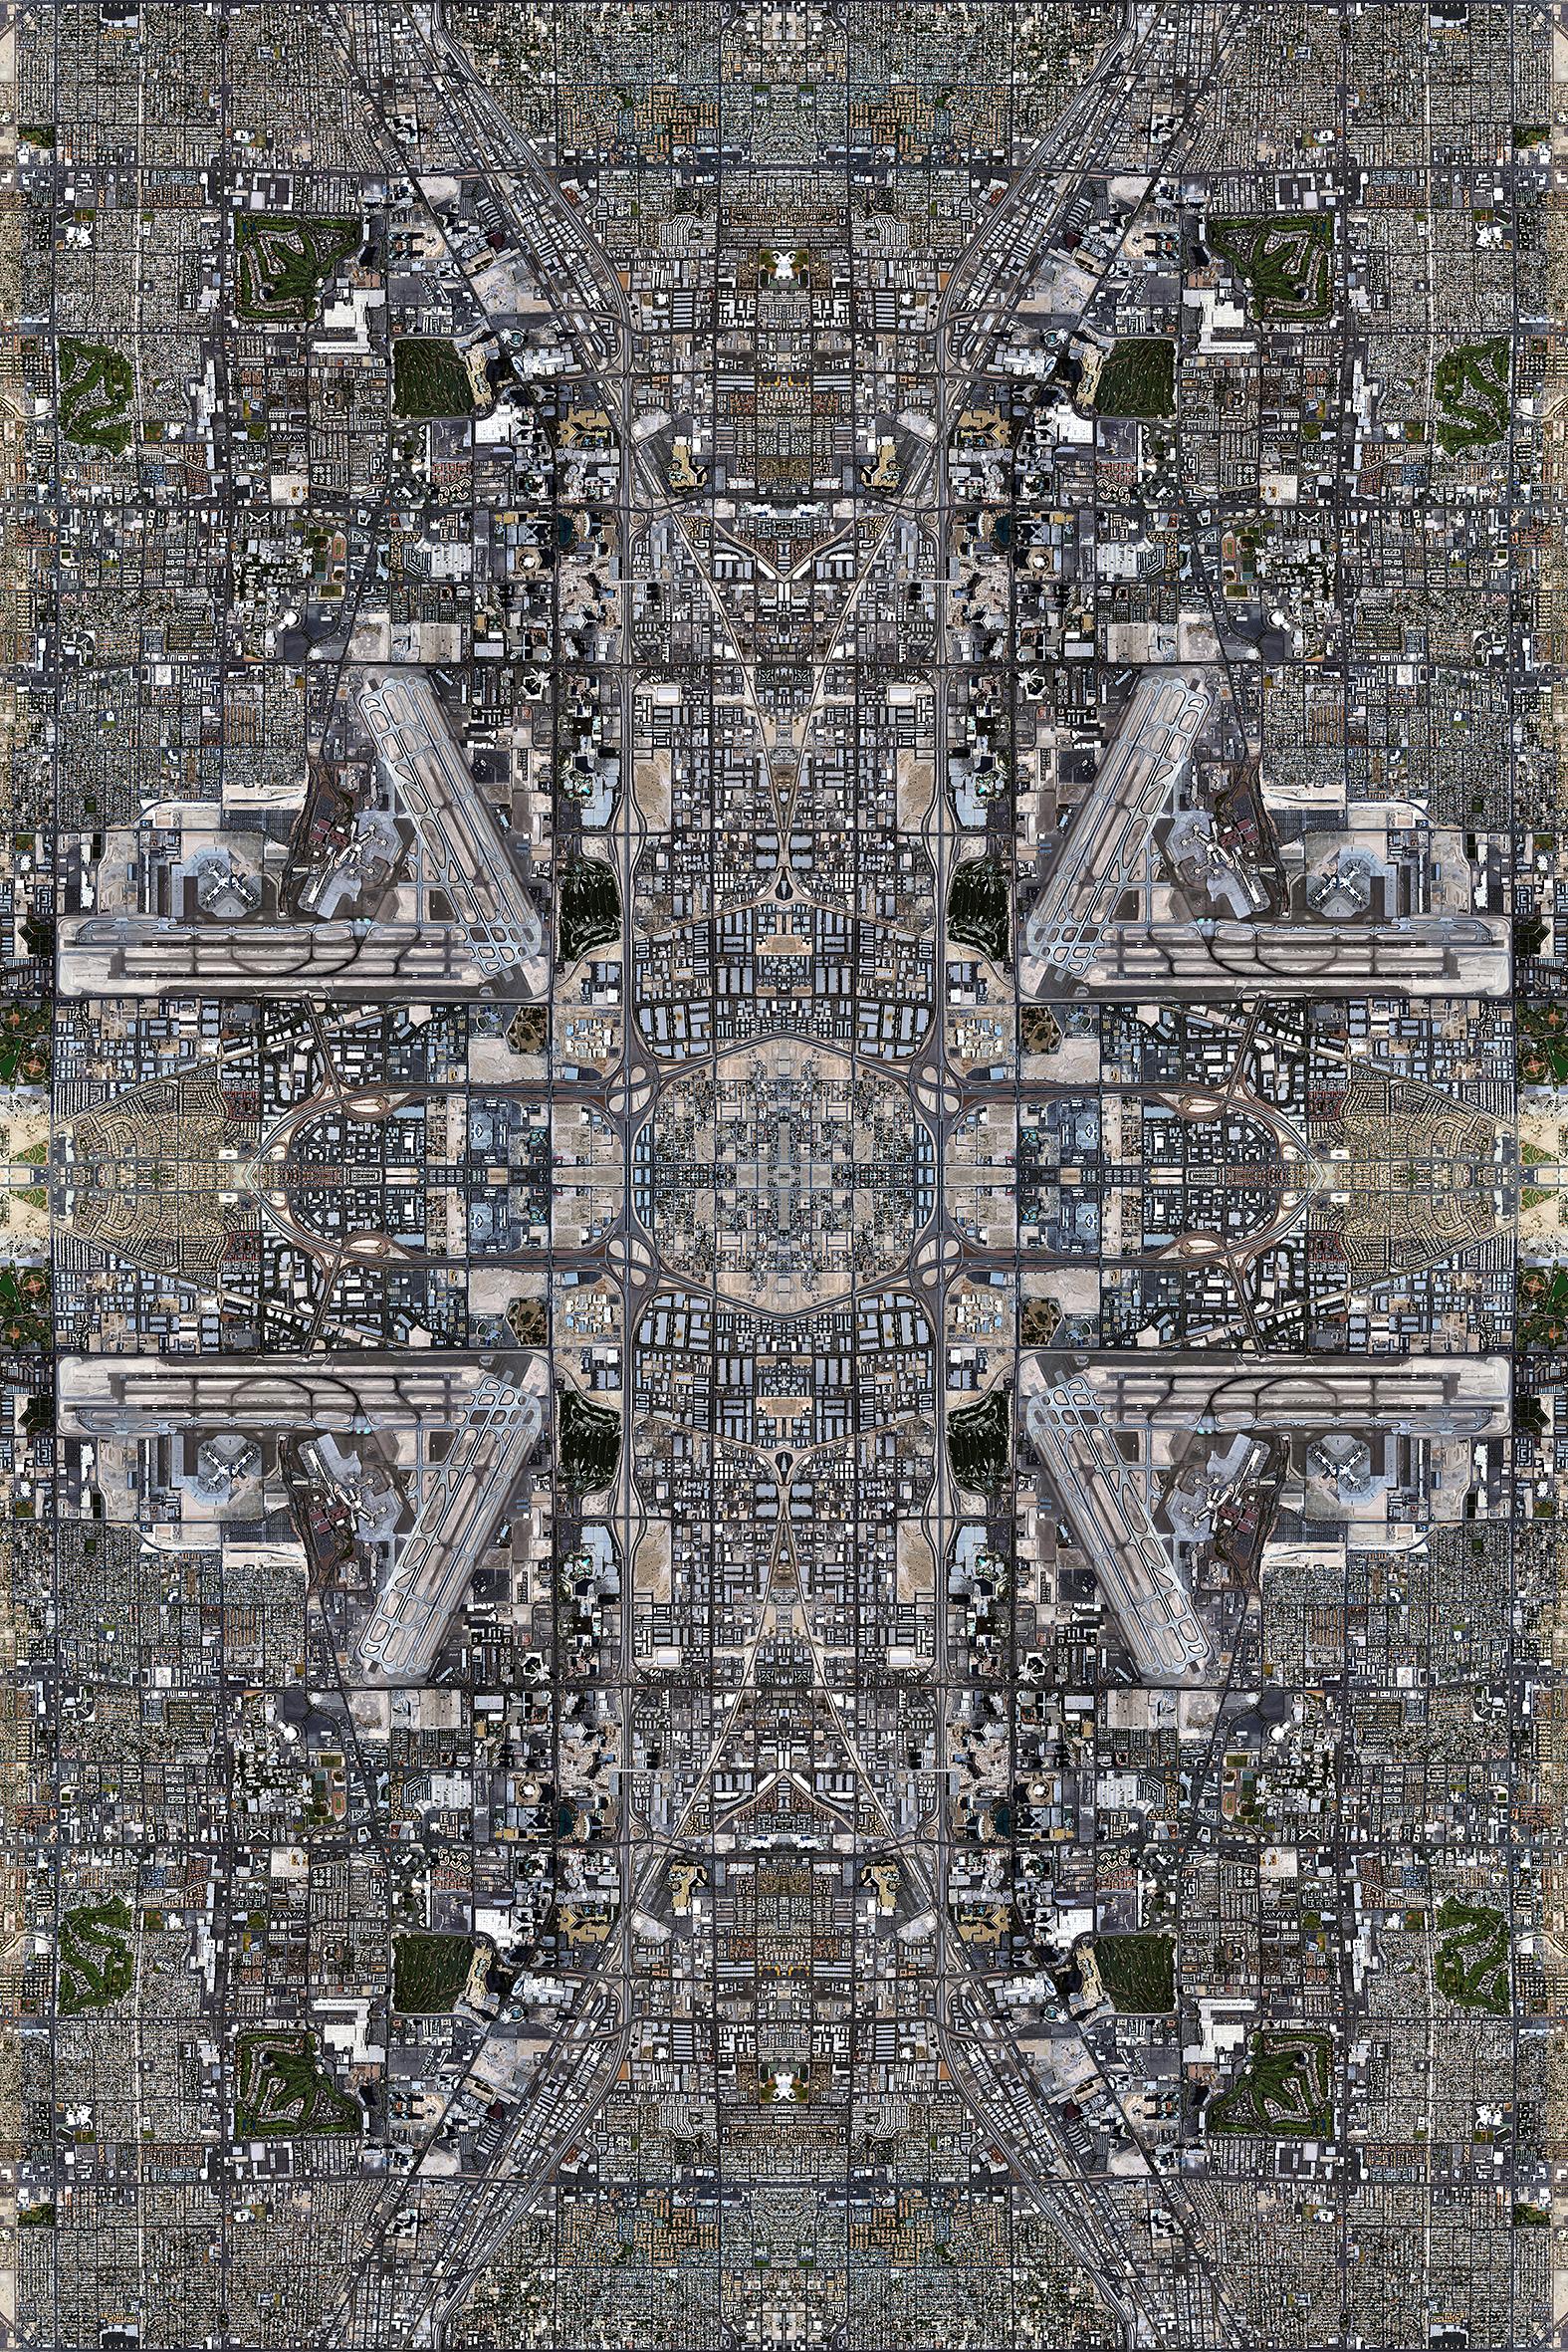 Las Vegas, Nevada, United States of America 2009-10.jpg